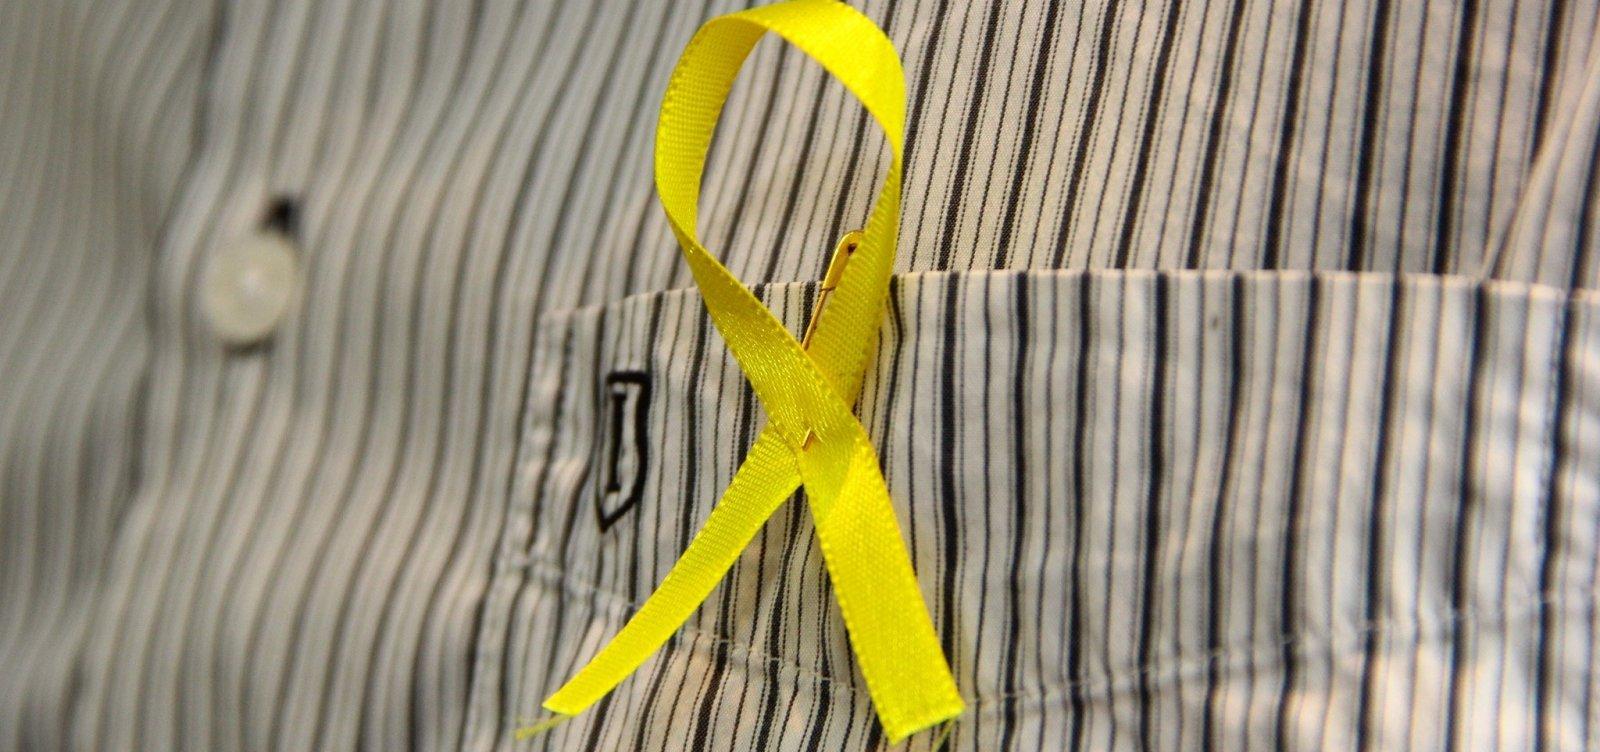 Suicídio é a segunda causa de morte entre jovens de 15 a 29 anos, diz OMS